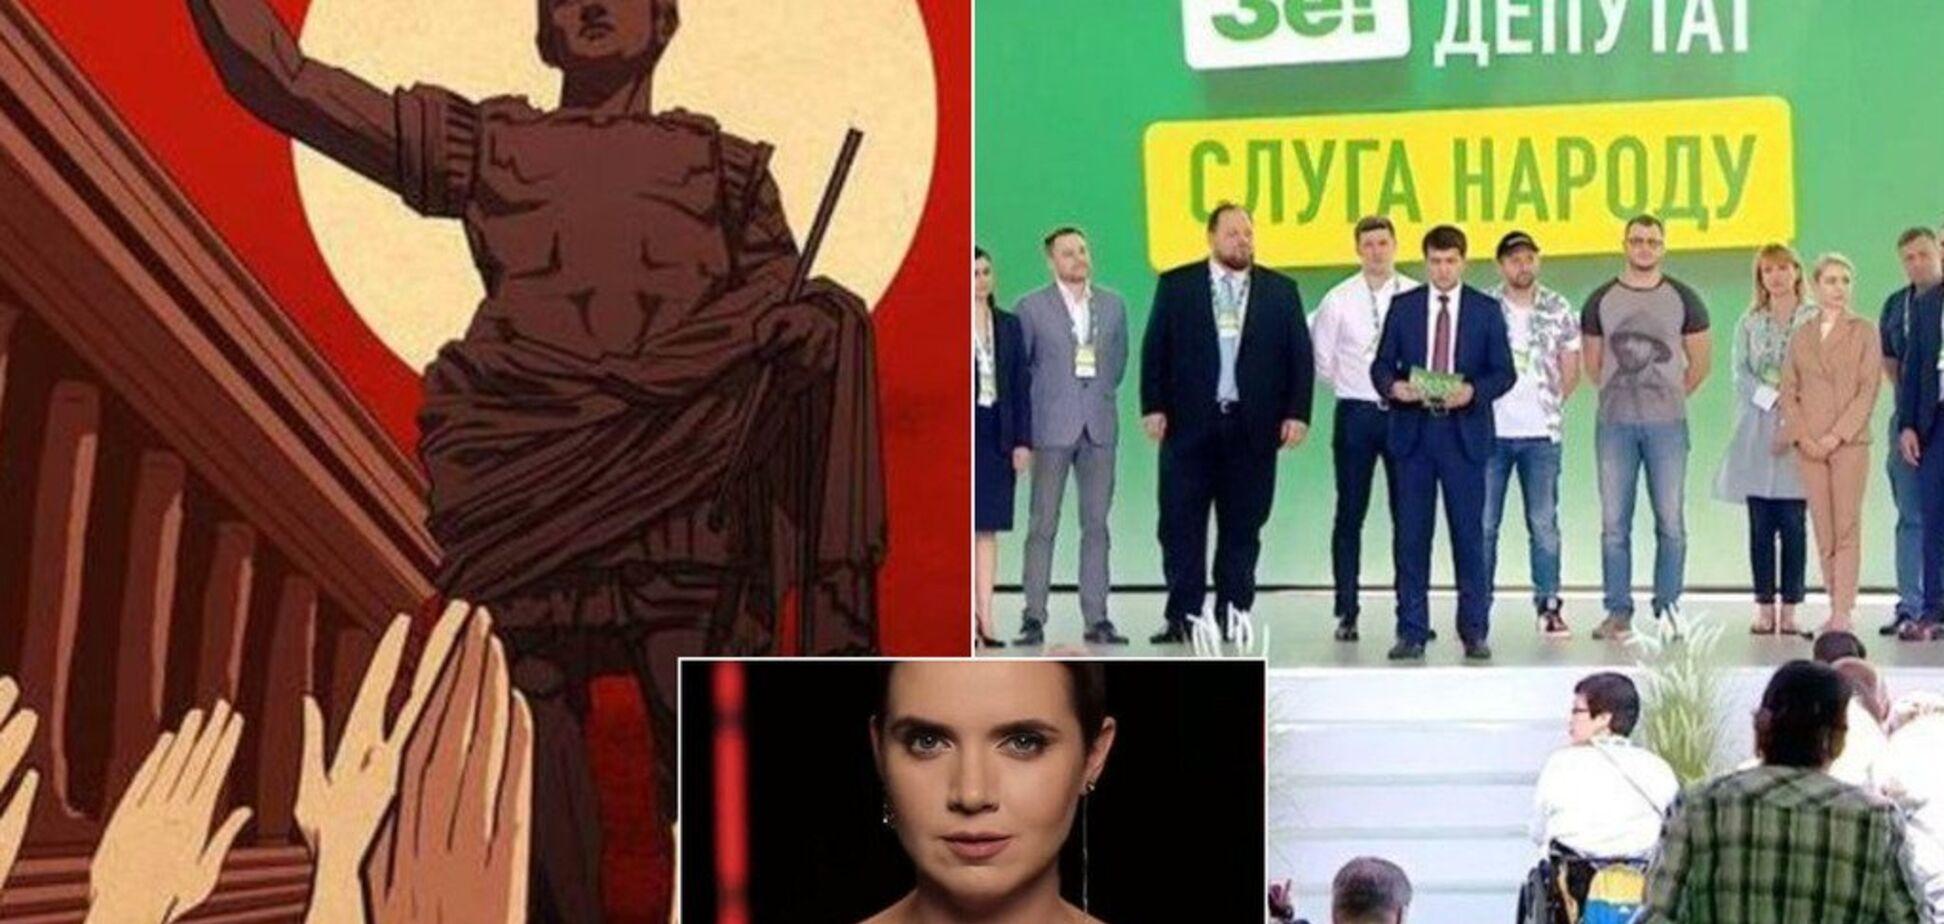 'Смотрящие' и диктатура: Соколова 'разнесла' законопроект Зеленского о децентрализации